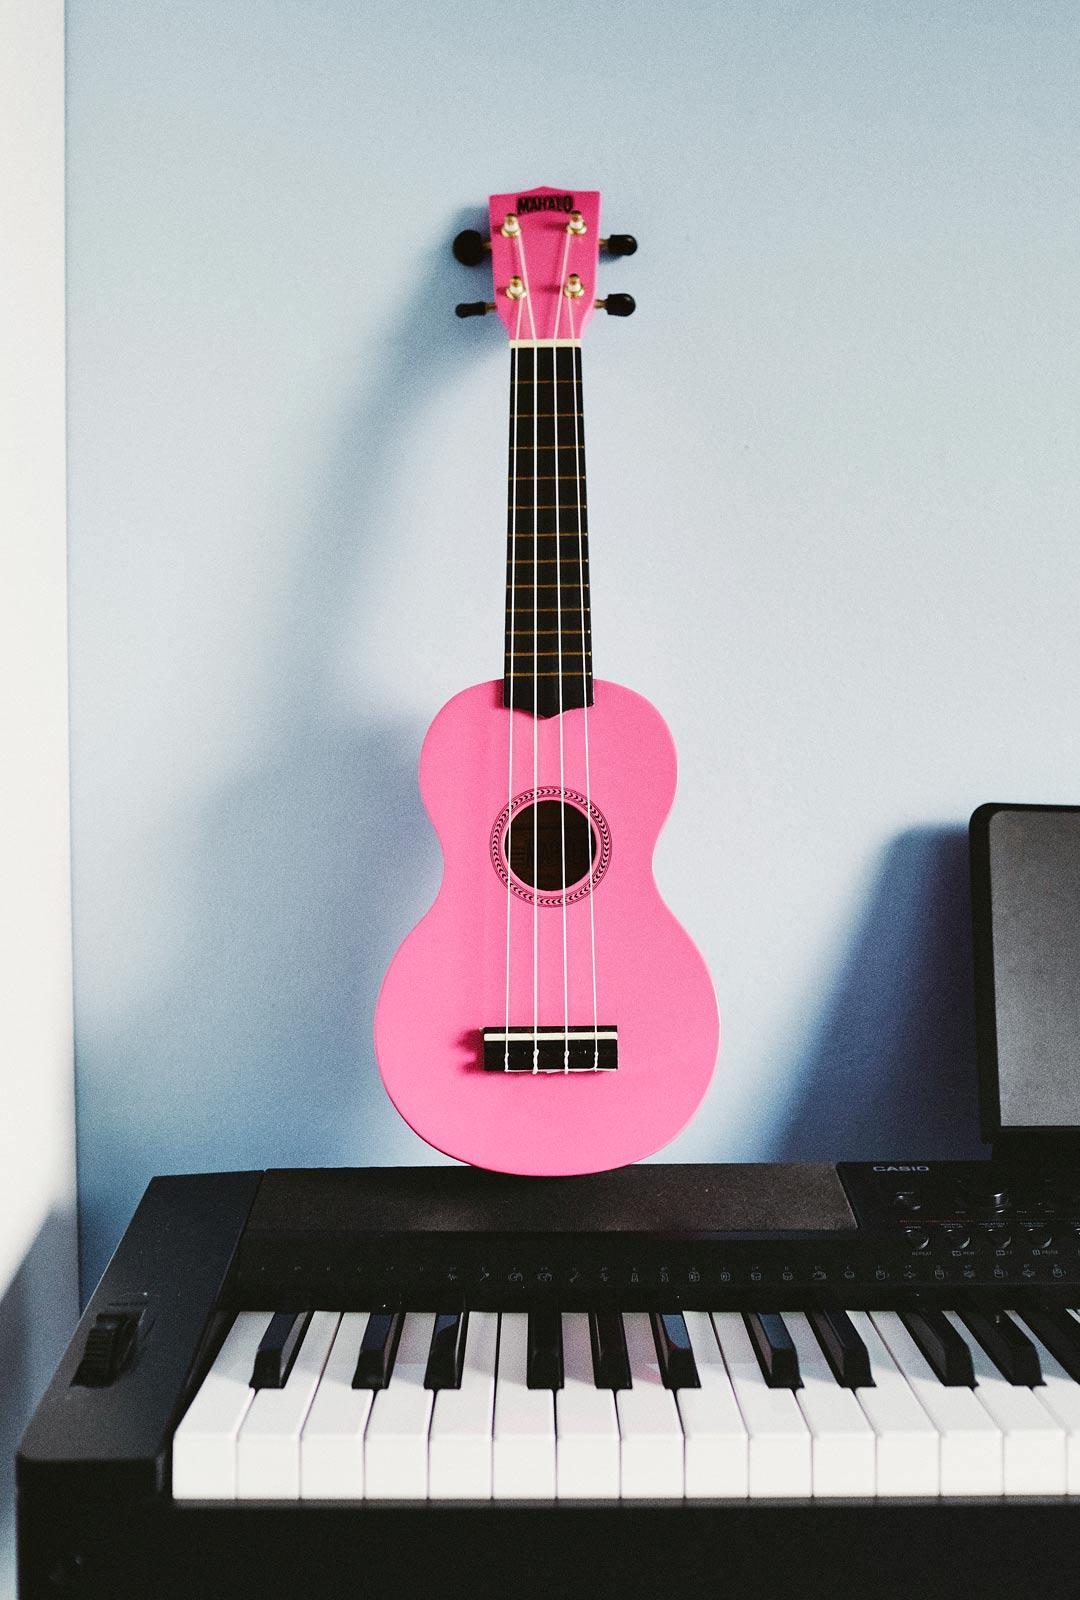 Musiikki rentouttaa ja vie mukanaan tunnelmasta toiseen.